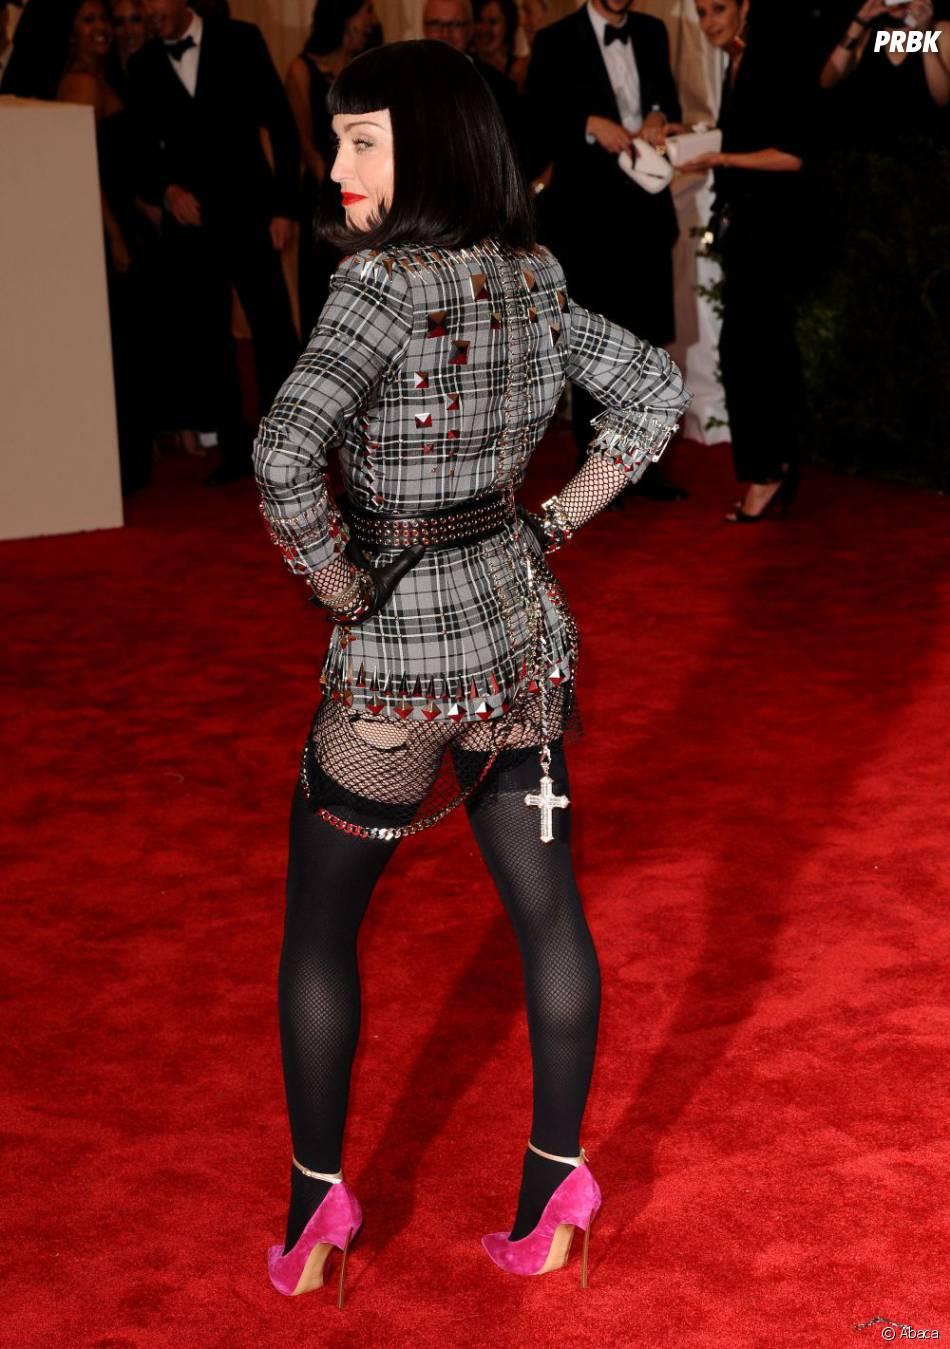 Madonna la reine de la provoc était dans son élément